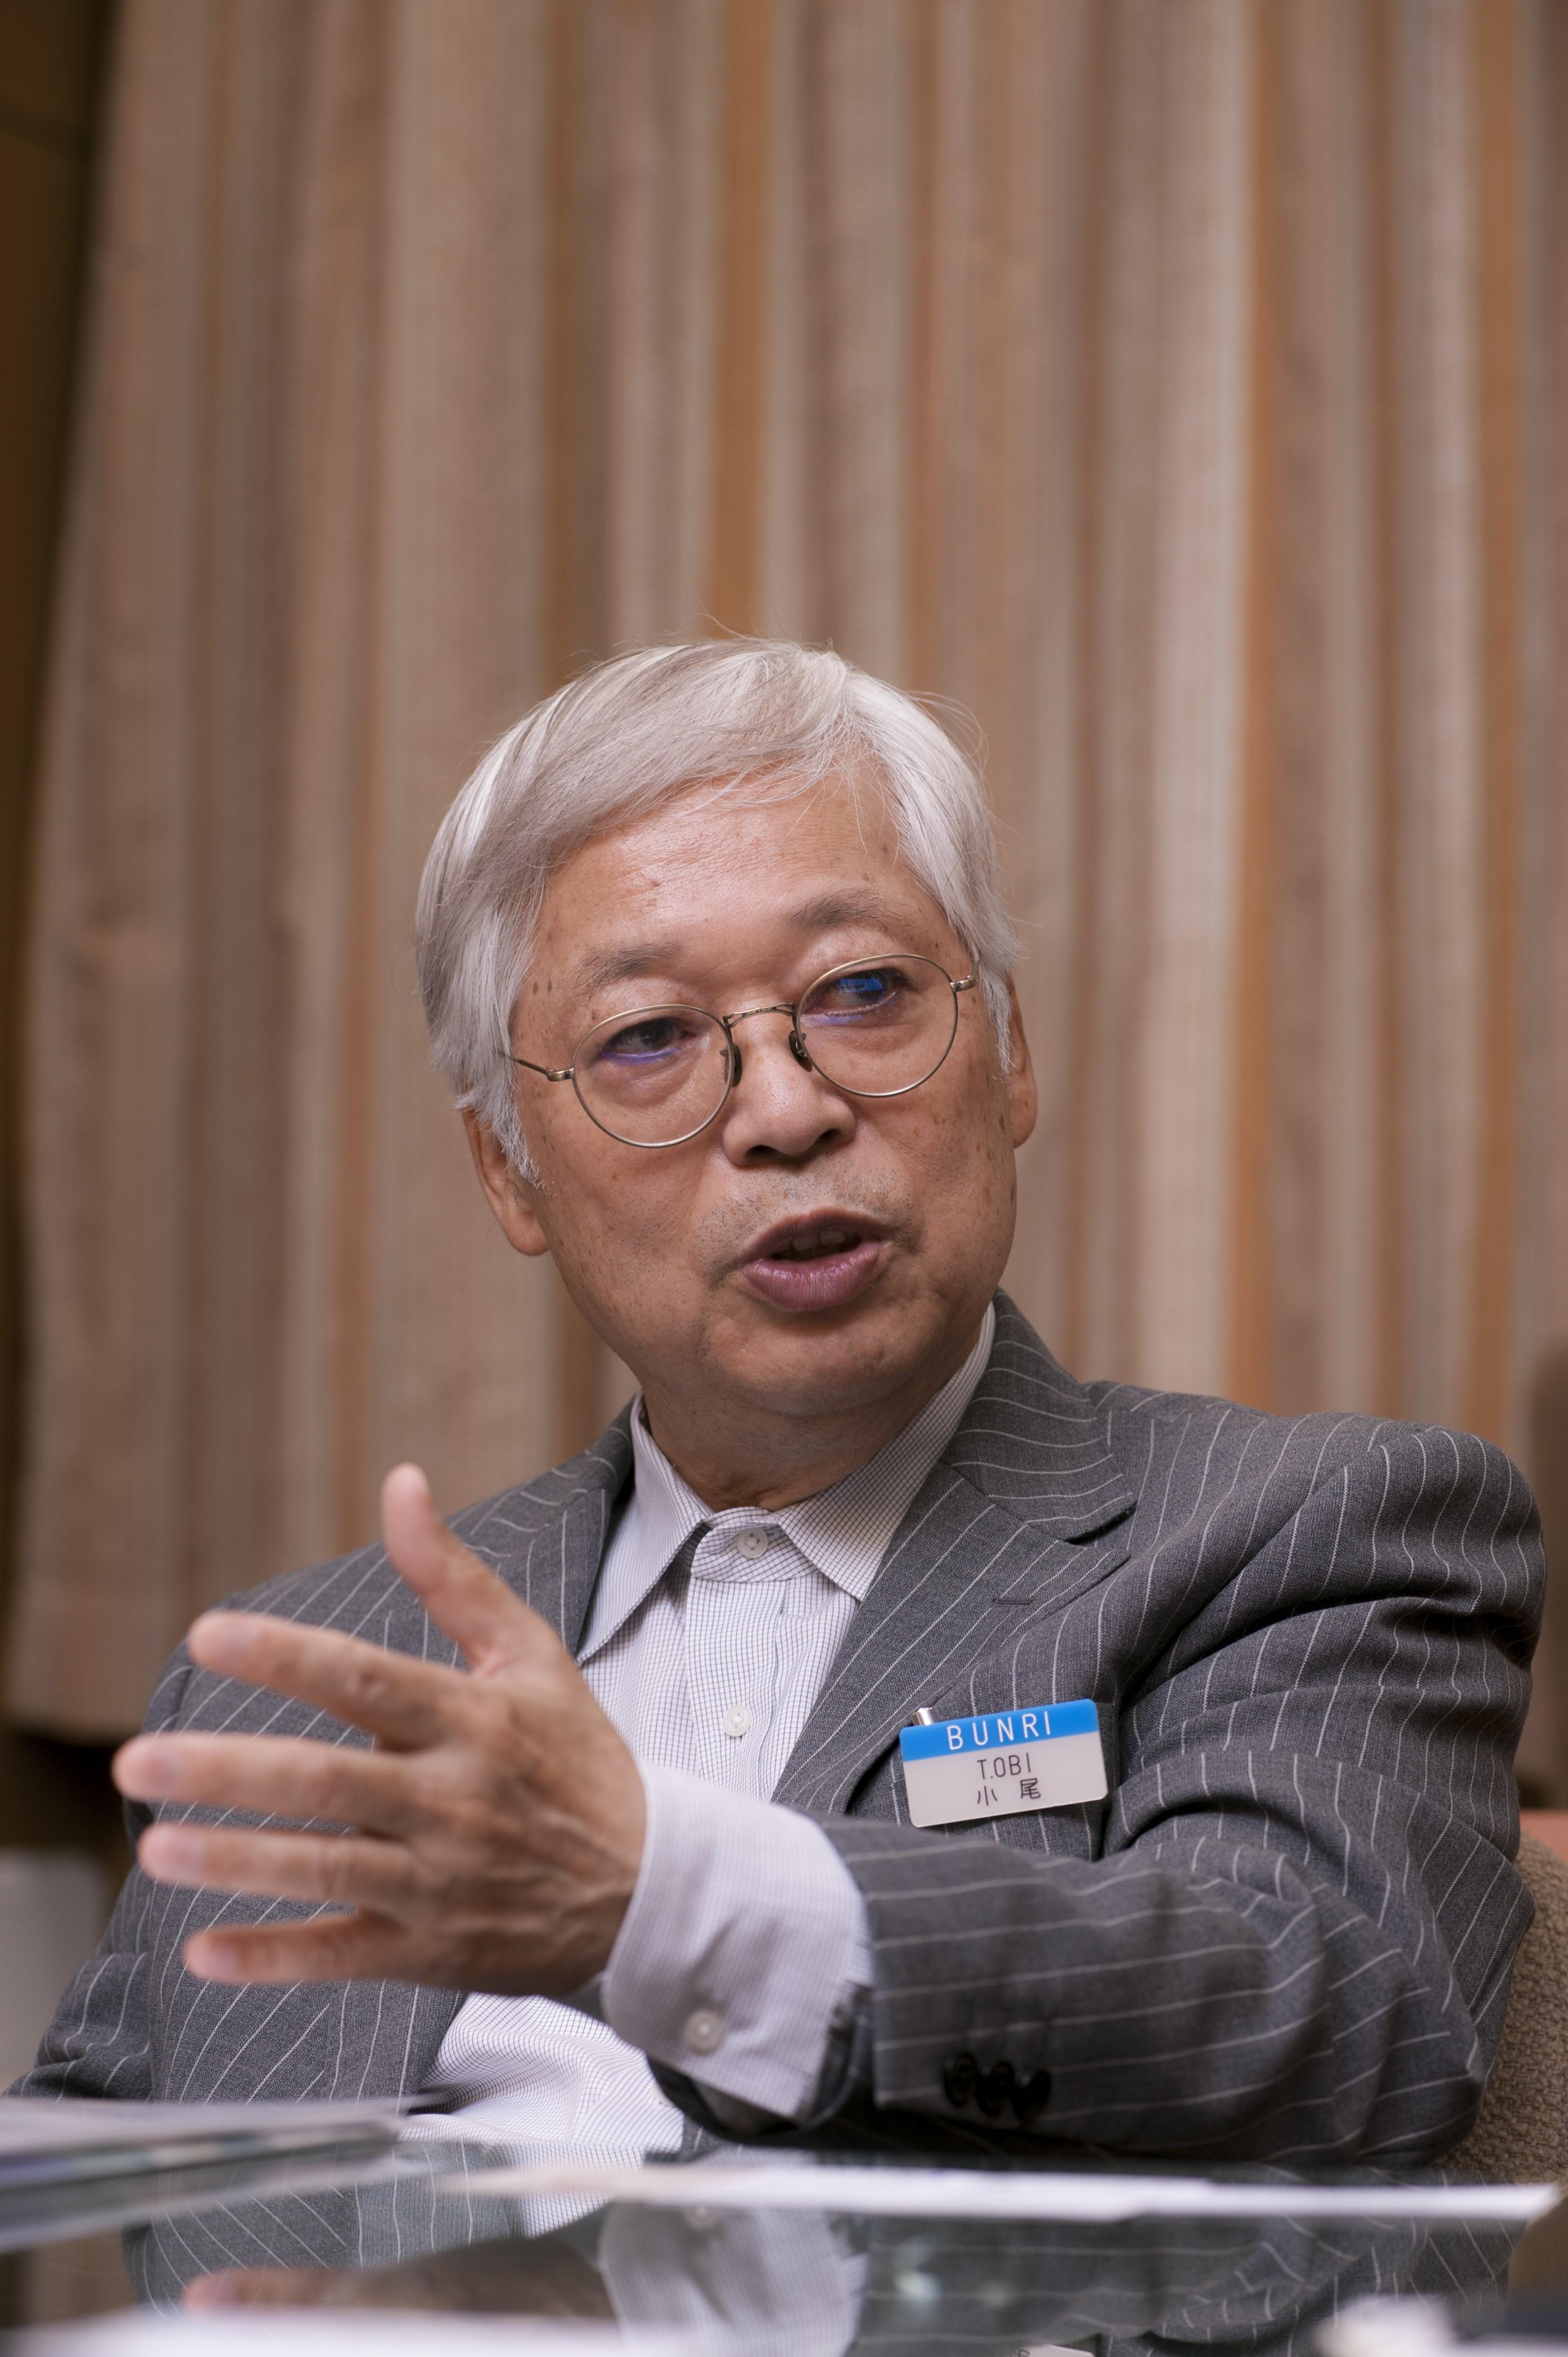 小尾敏夫学長が「世界で最も電子政府に影響力のある100人」に選ばれました。